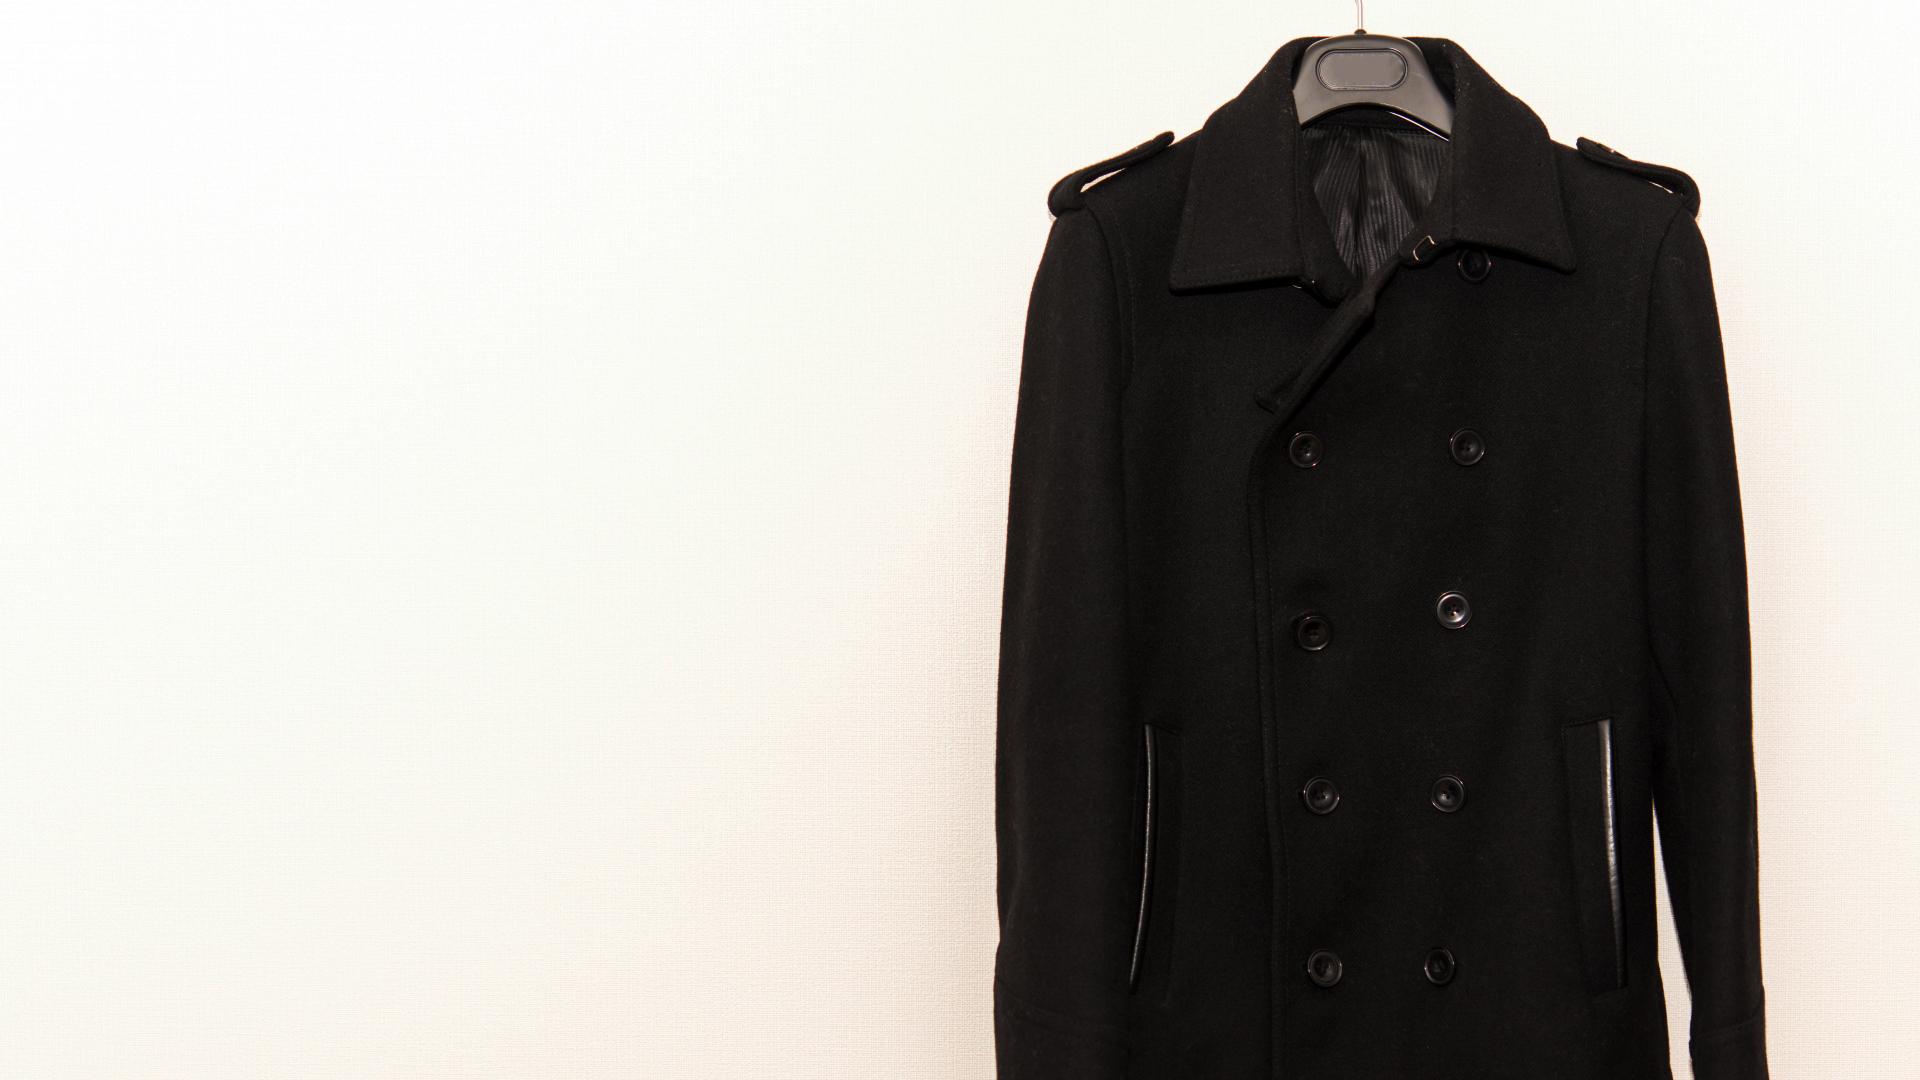 【メンズ】おすすめの安いファッション通販サイト6選!【プチプラ】